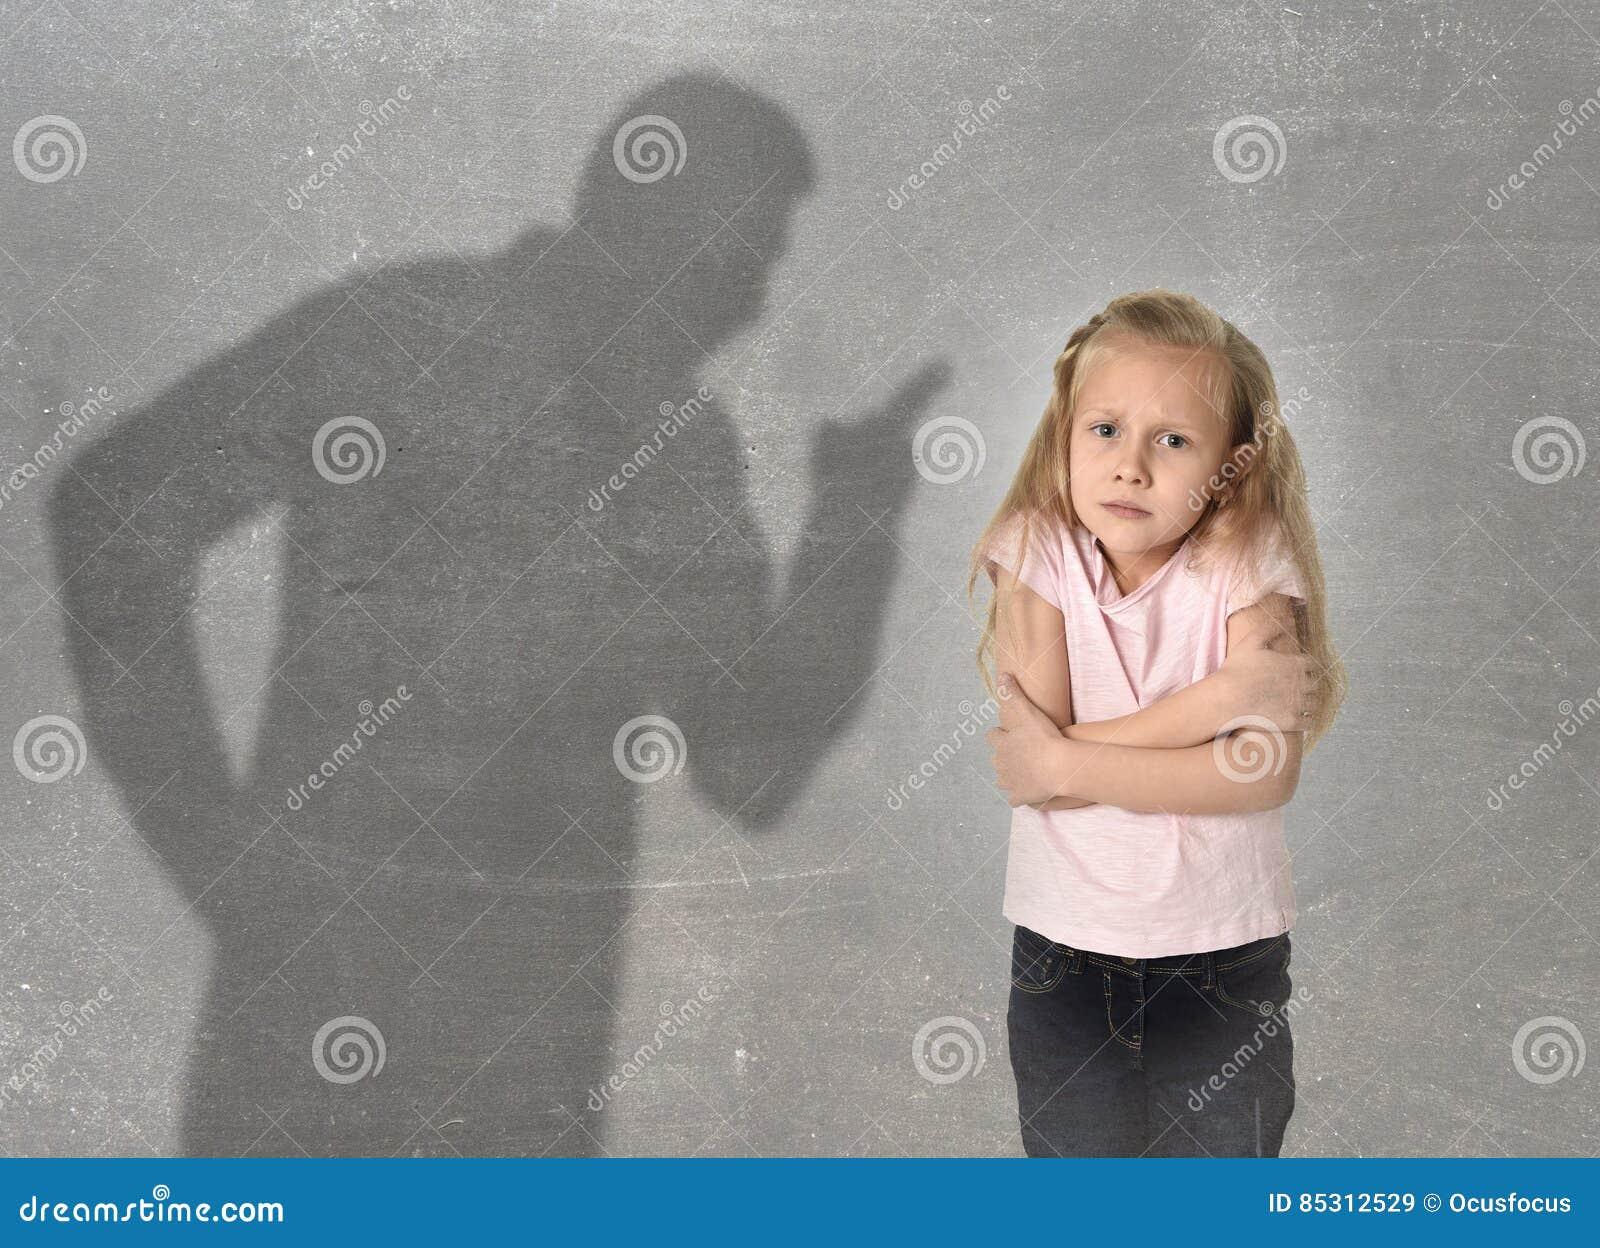 Sombra do pai ou do professor que grita a estudante ou a filha pequena doce nova reprovador irritada